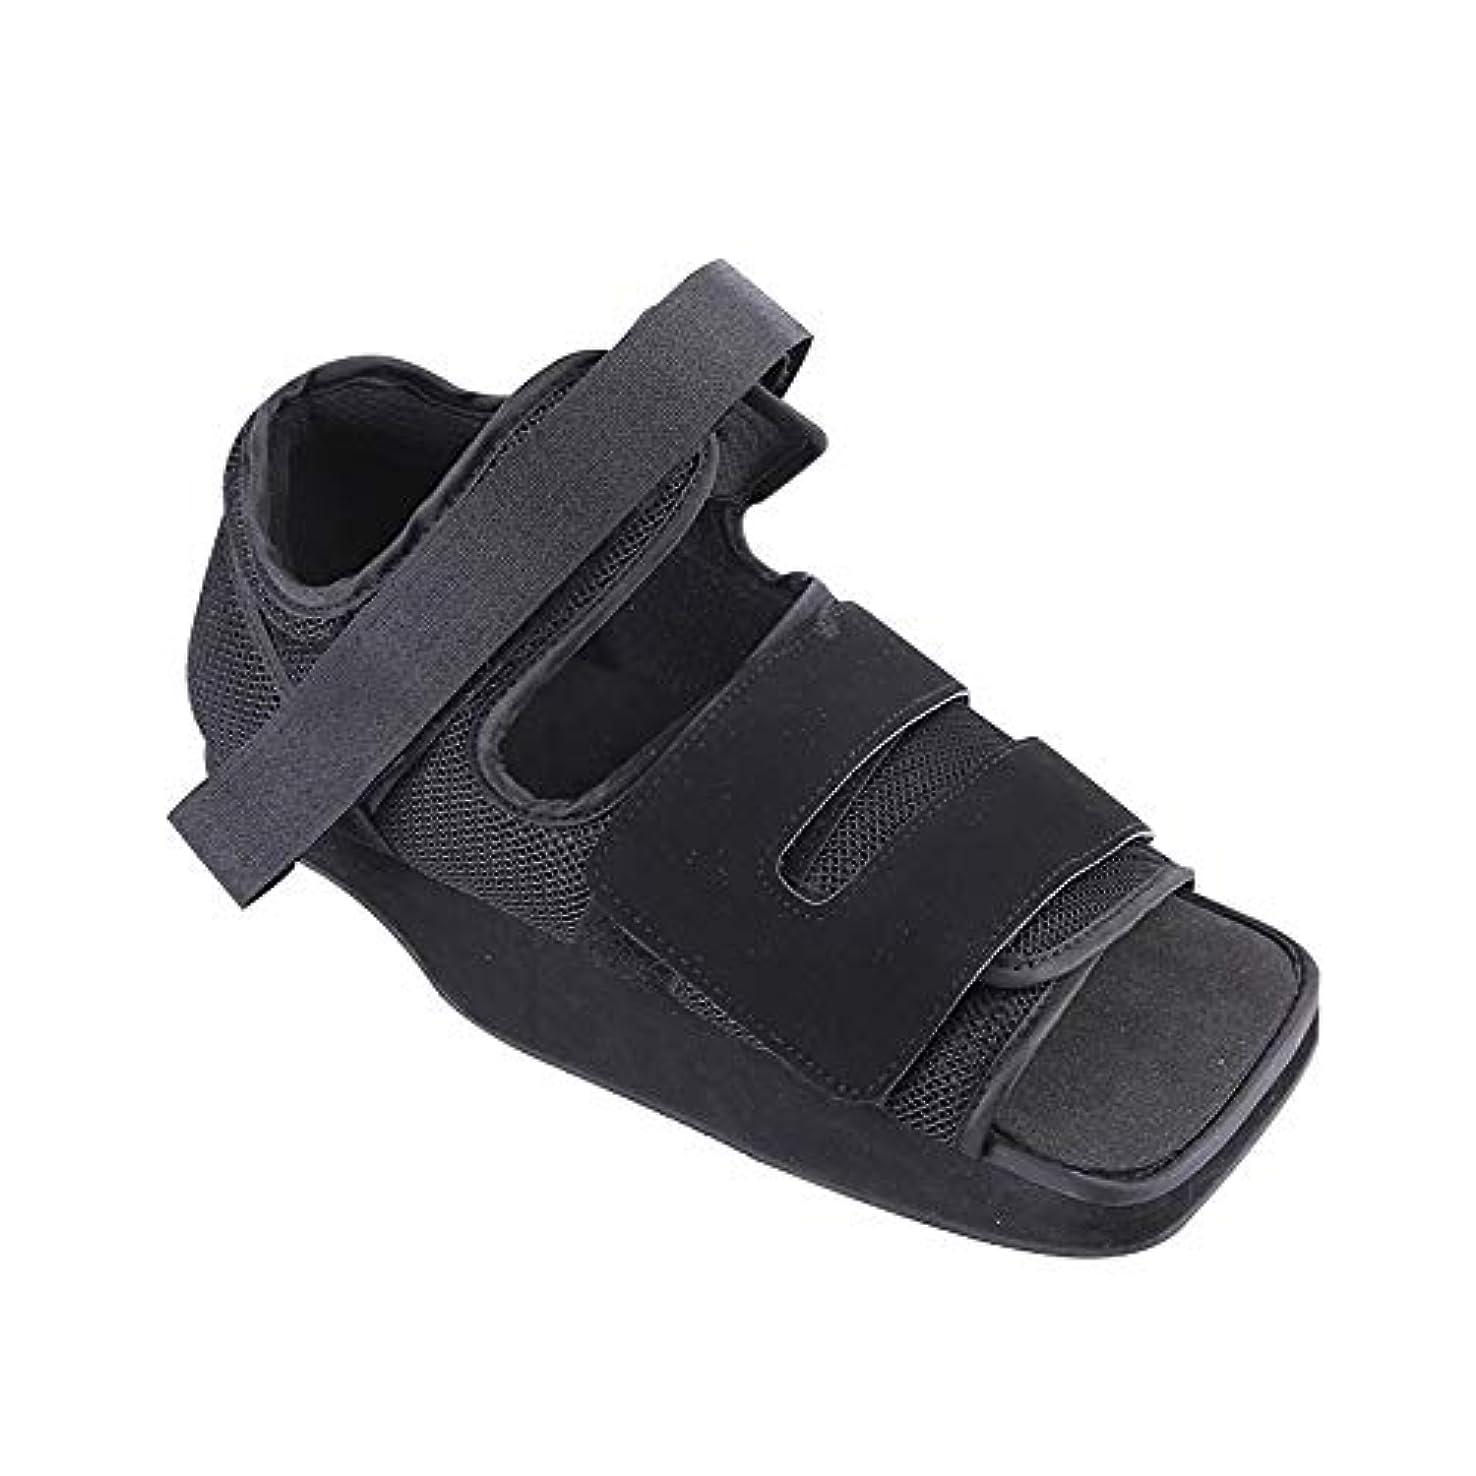 減少クローゼット感謝している壊れたつま先/足骨折広場つま先ウォーキングシューズ - 軽量医療ウォーキングブーツ - 調整可能な術後オープントゥシューズ (Size : XL)